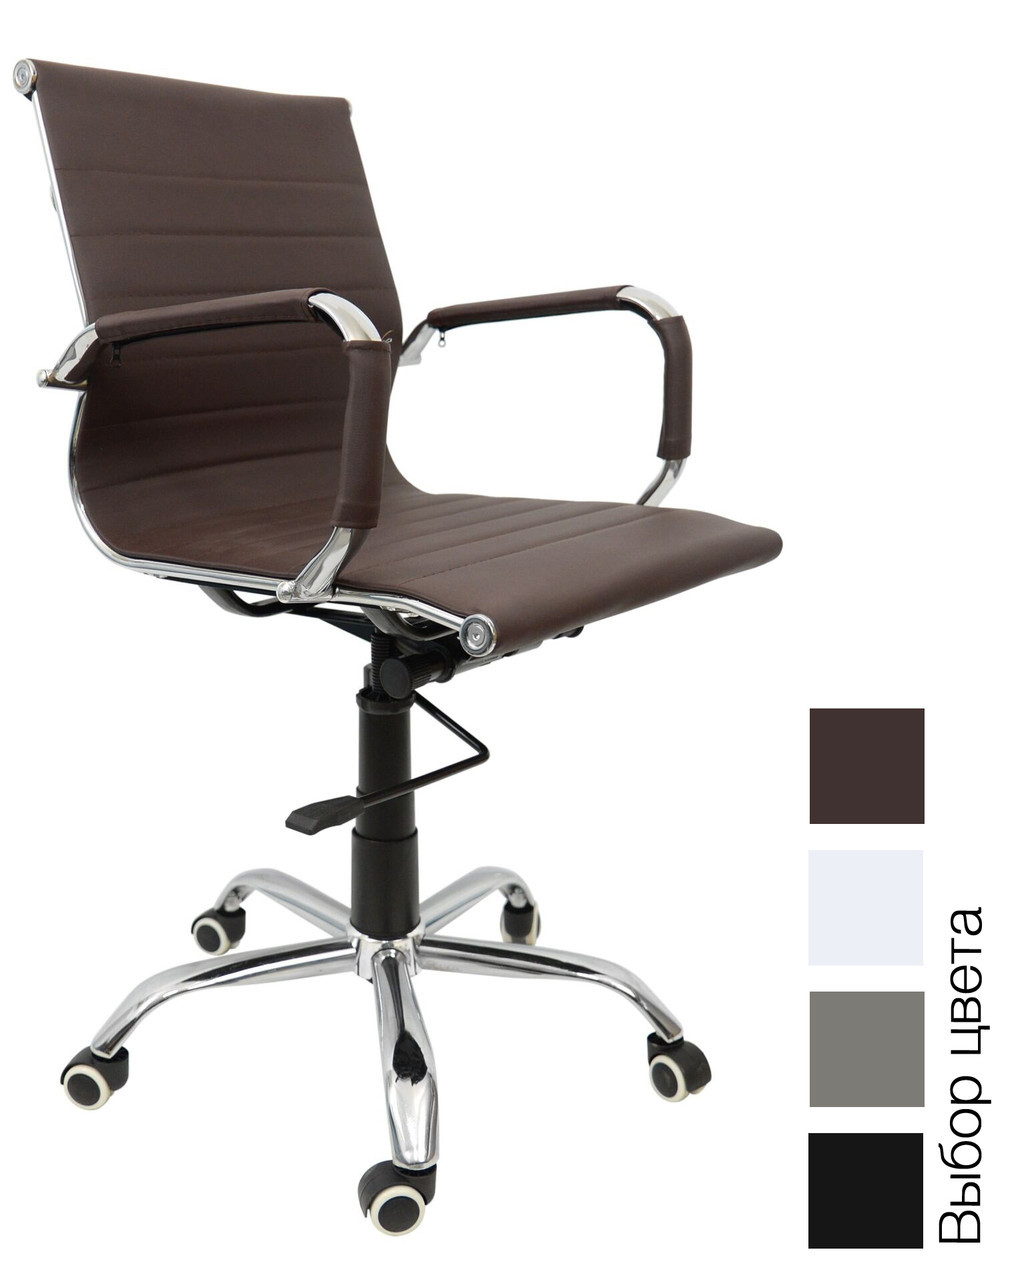 Офисное кресло компьютерное Bonro B-605 для дома и офиса (офісне комп'ютерне крісло для дому та офісу)